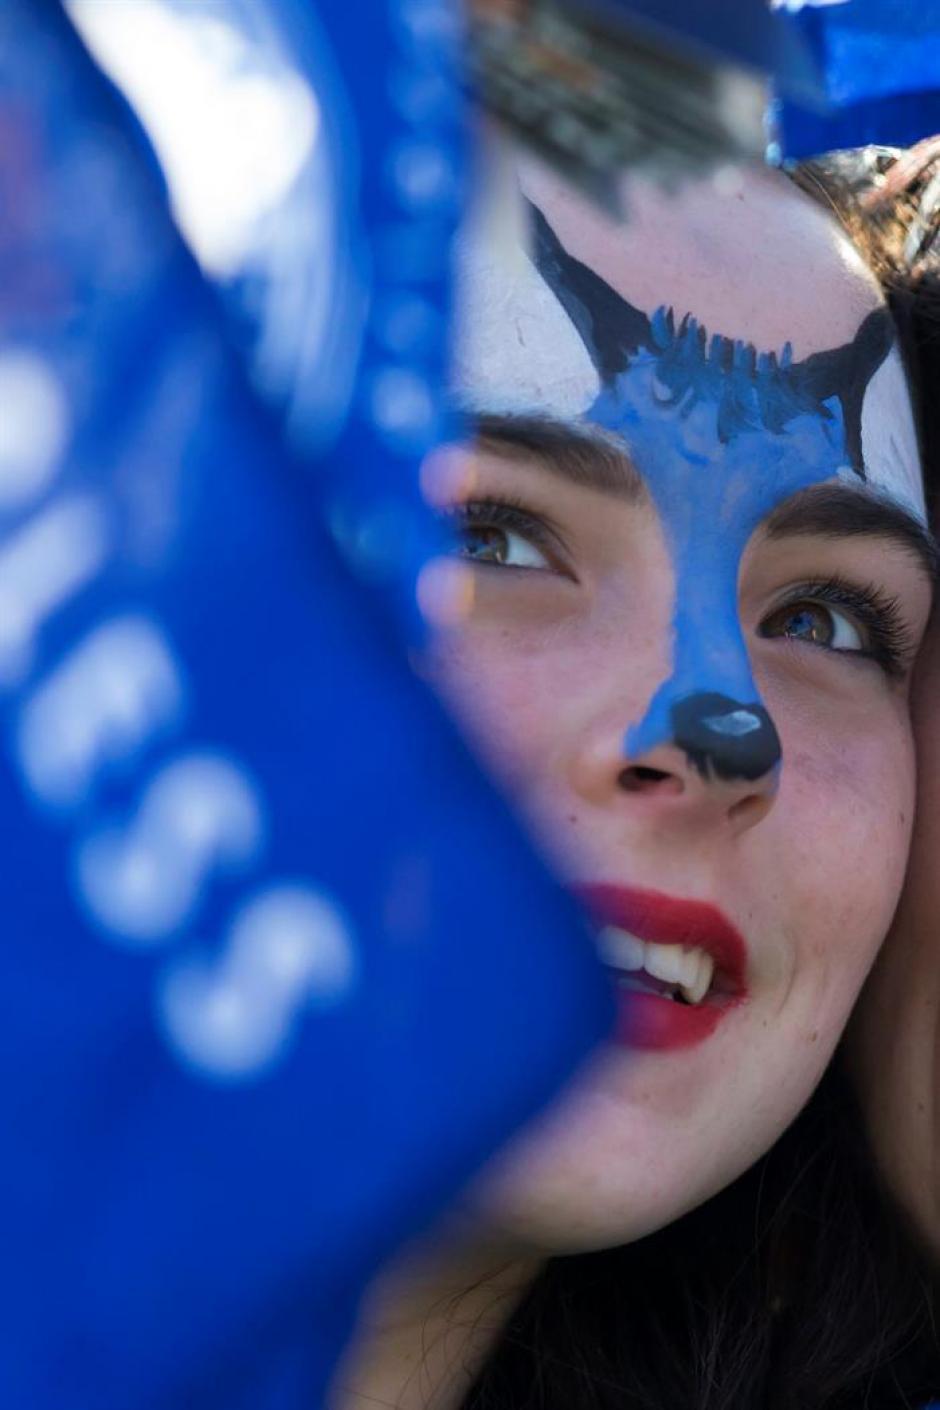 Los rostros pintados no faltaron en el desfile. (Foto: EFE)